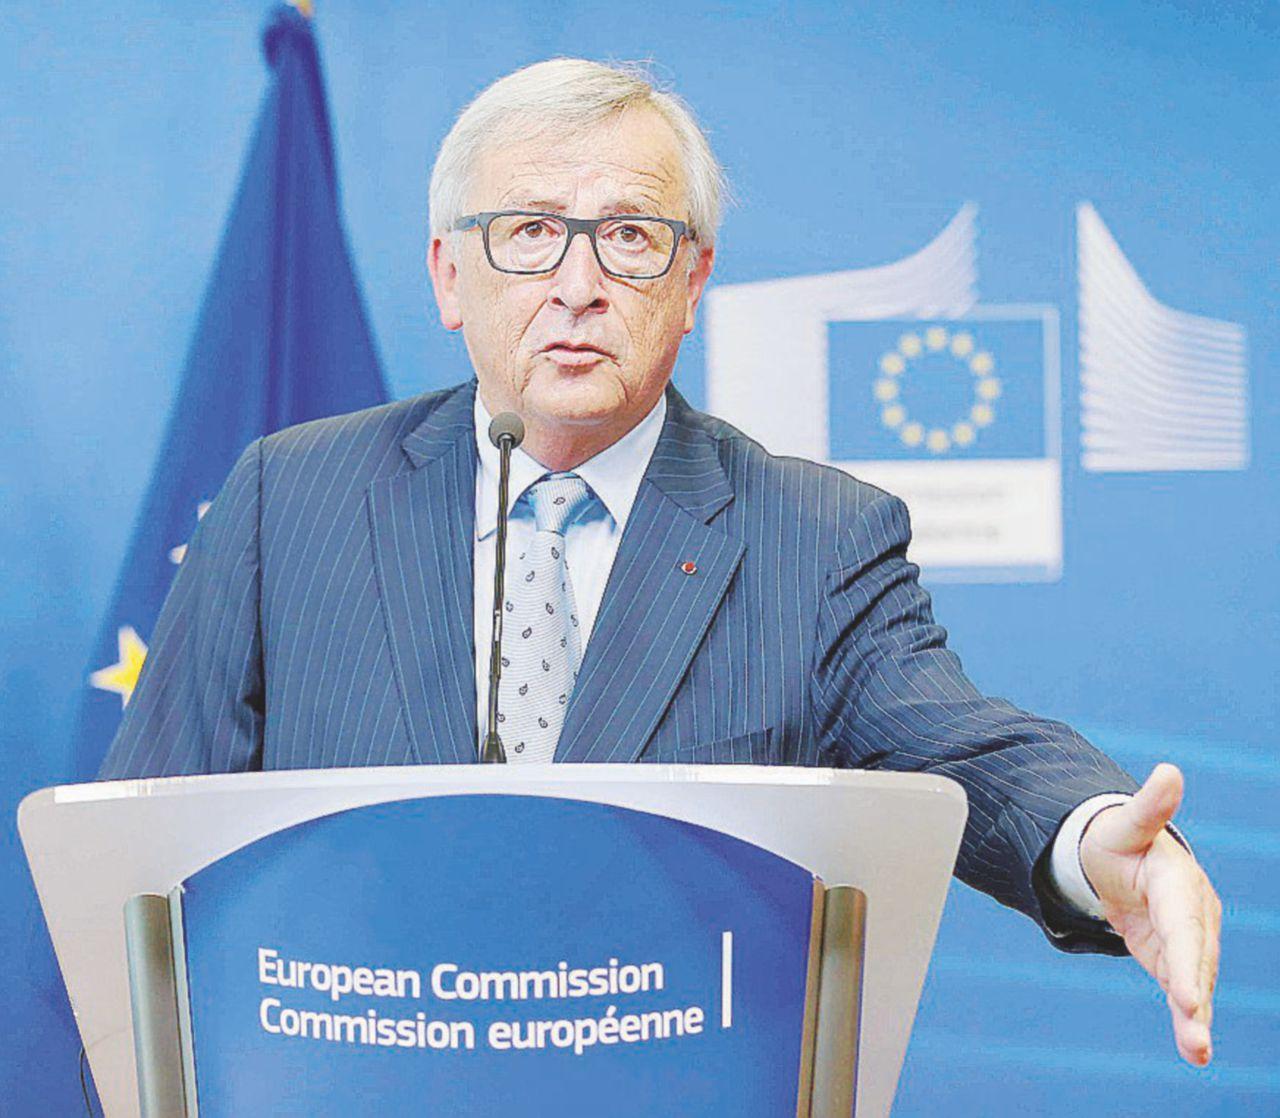 L'esecutivo del Colle ha il programma Ue: nuovi tagli e più tasse